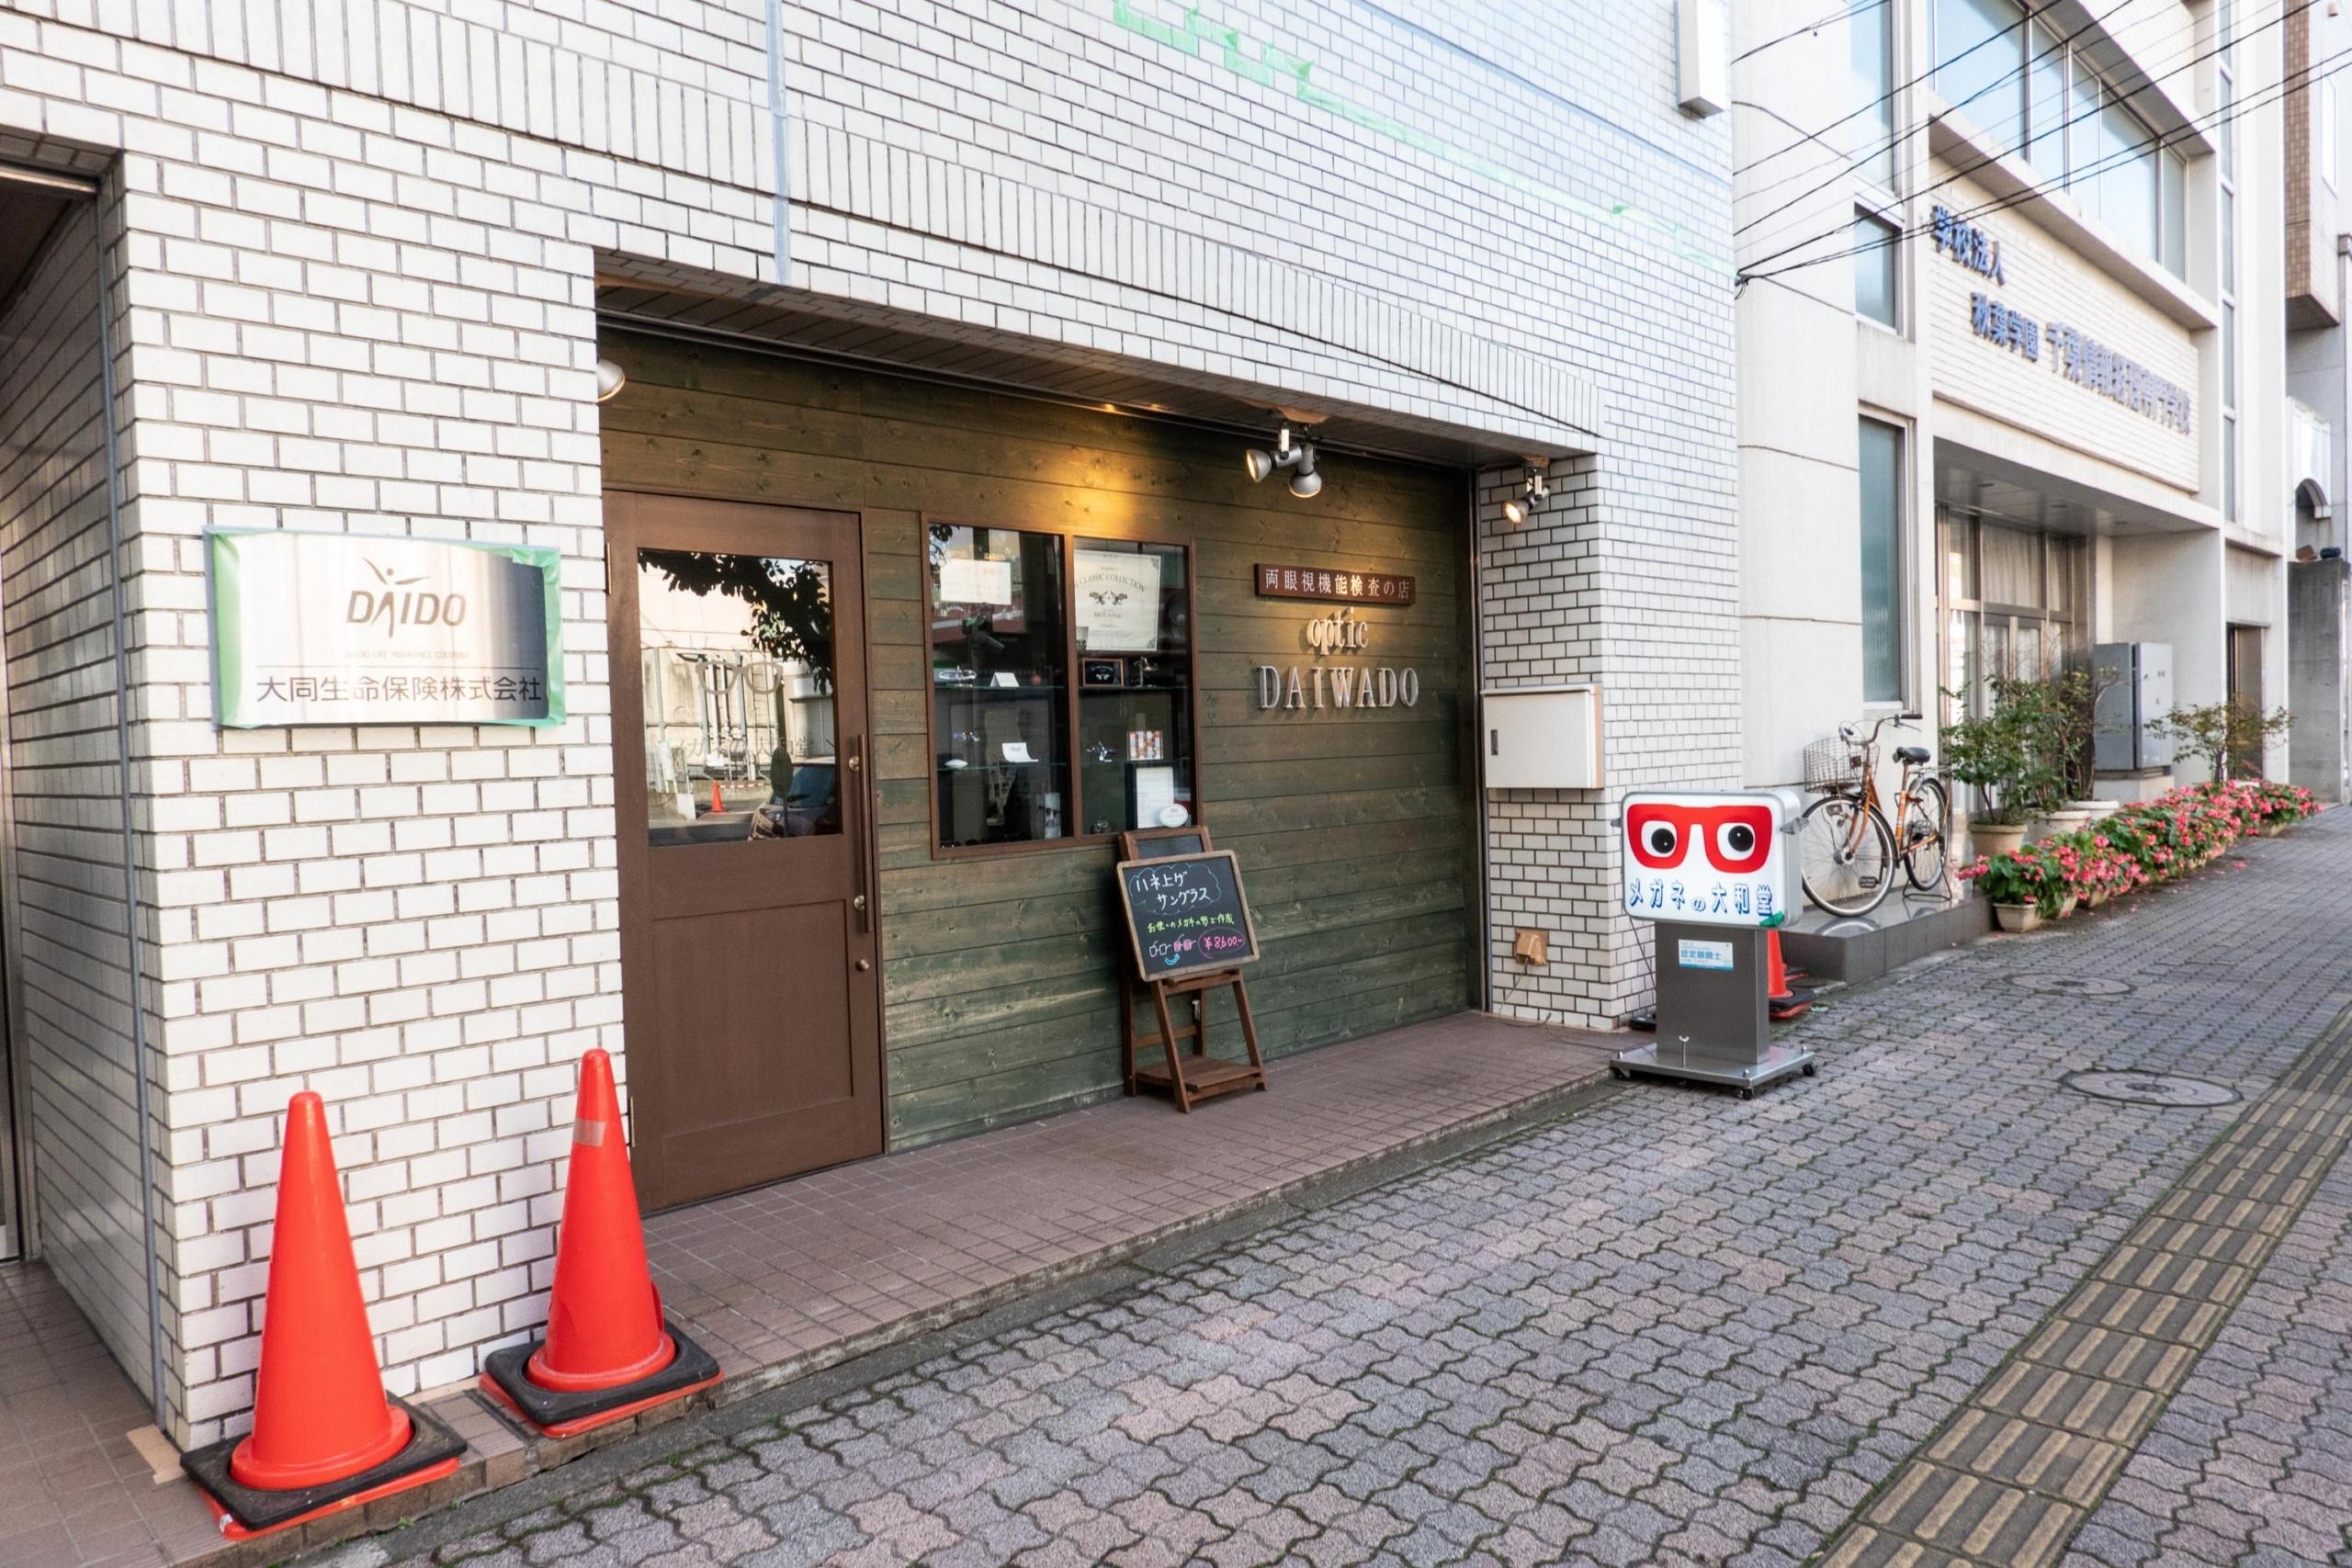 千葉中央駅近くのメガネショップの外観